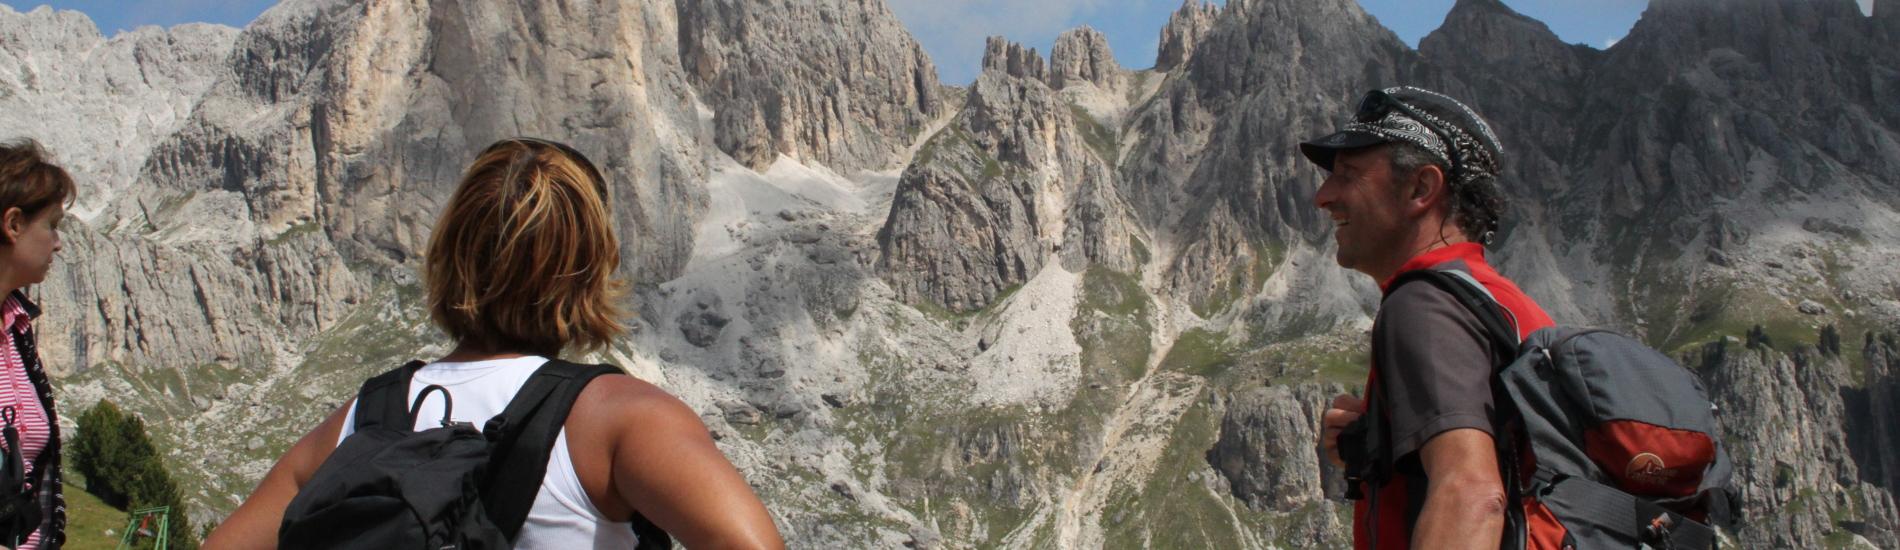 Escursioni sulle Dolomiti con Guide esperte